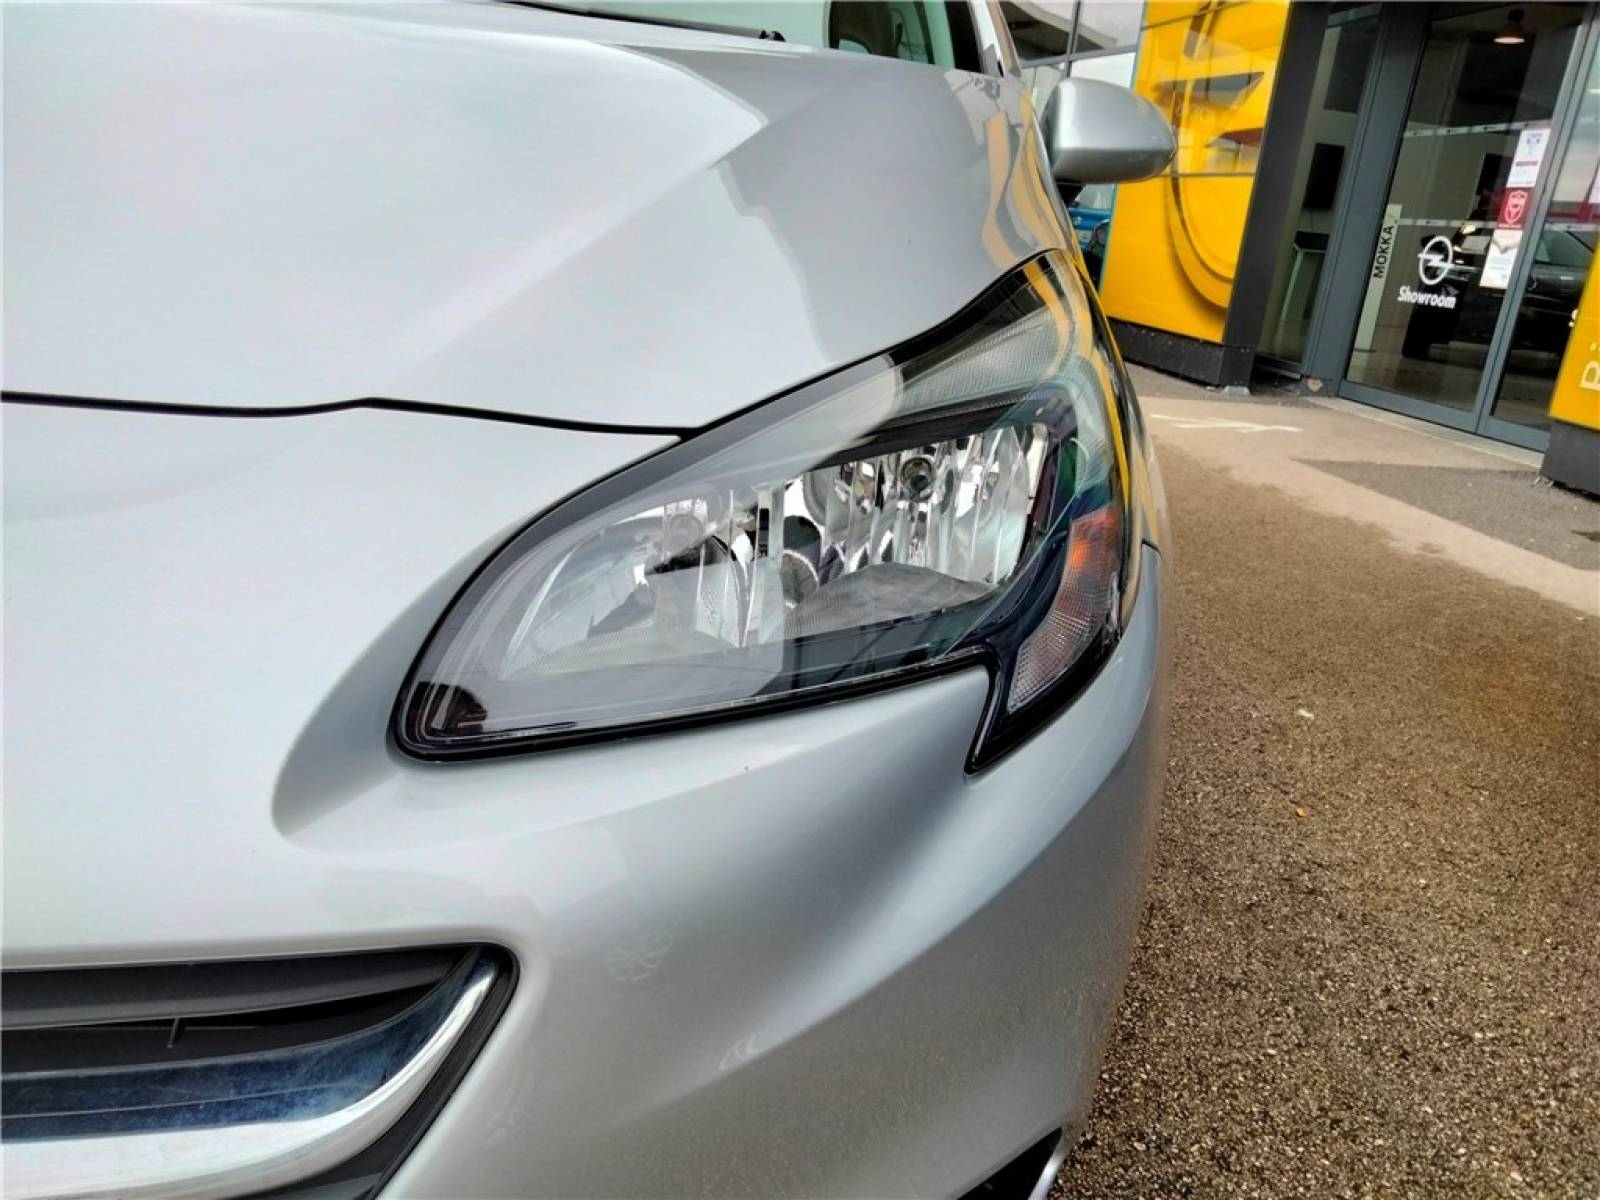 OPEL Corsa 1.4 90 ch - véhicule d'occasion - Groupe Guillet - Opel Magicauto - Chalon-sur-Saône - 71380 - Saint-Marcel - 11